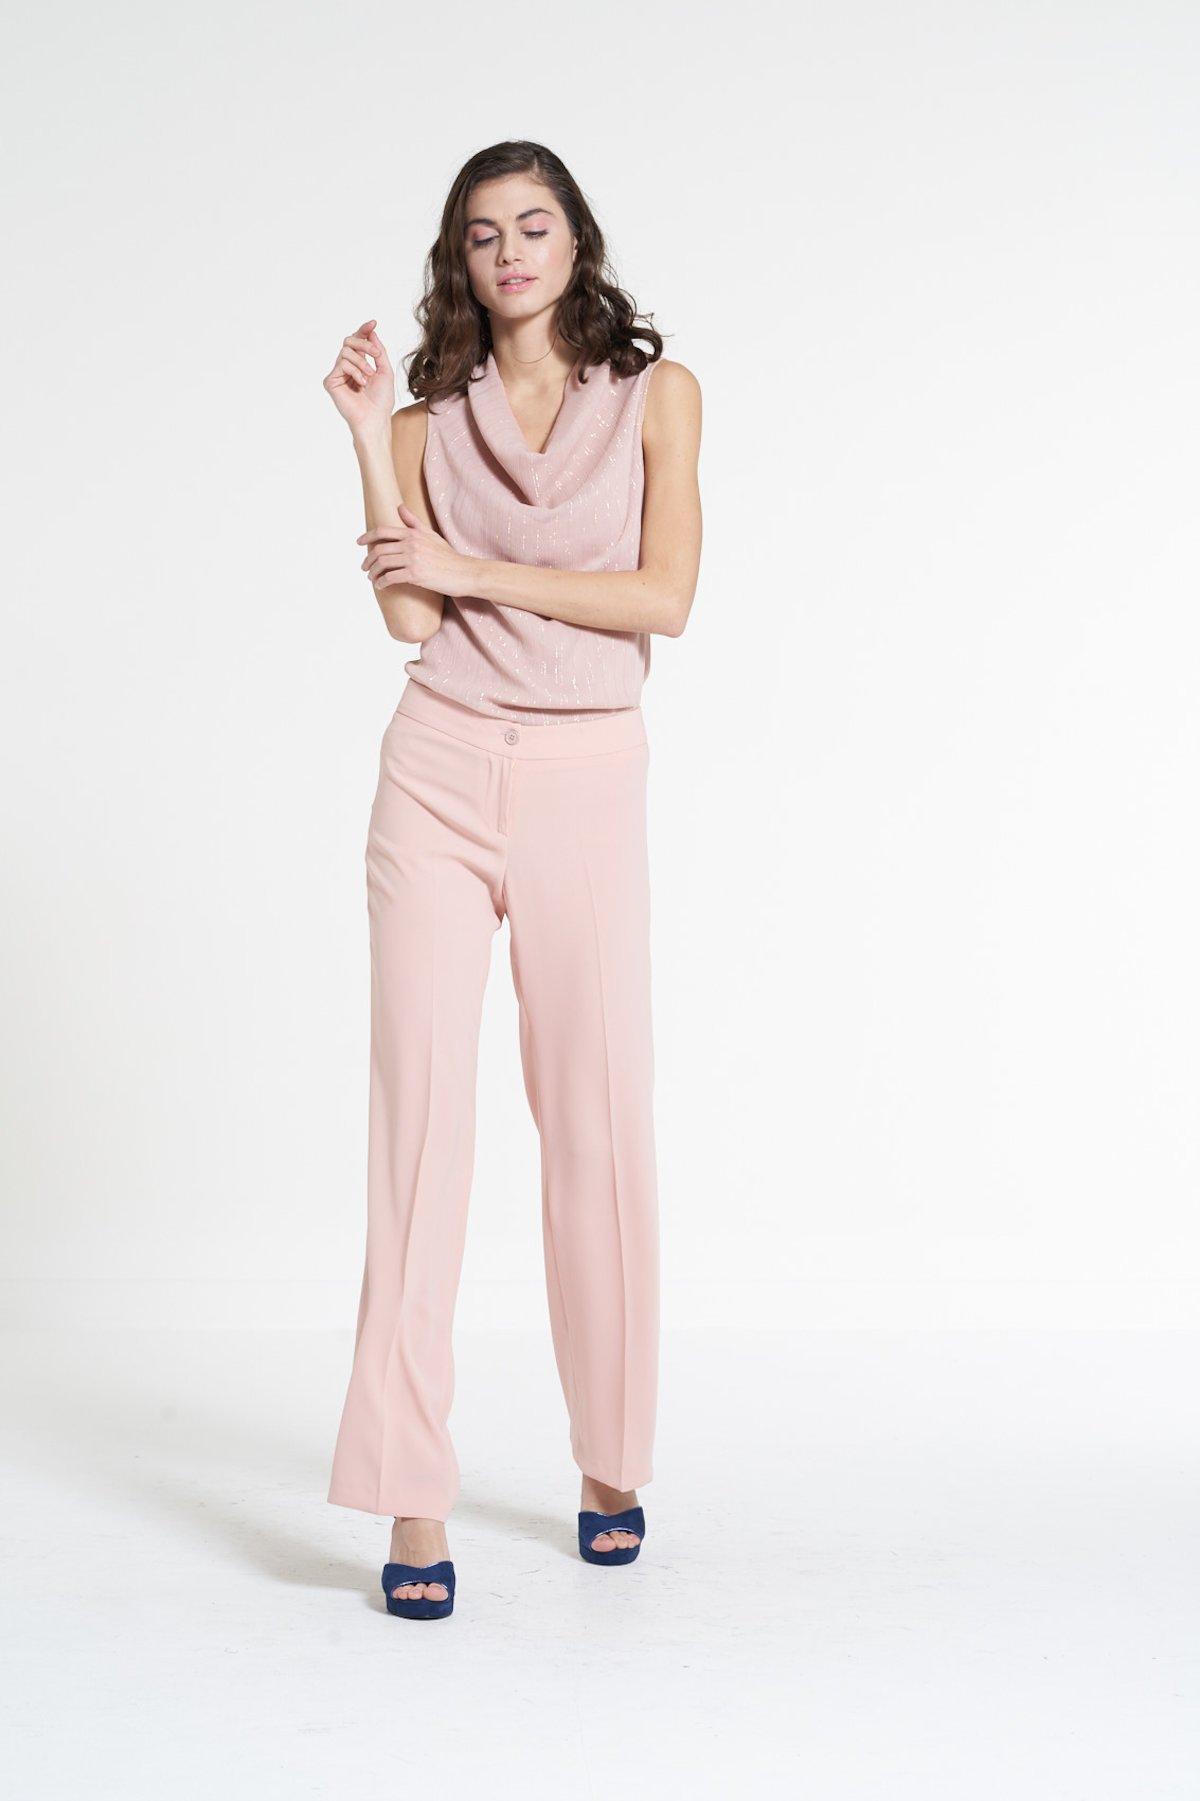 Pantaloni Pierre con gamba dritta - Calcite - Donna - Immagine categoria